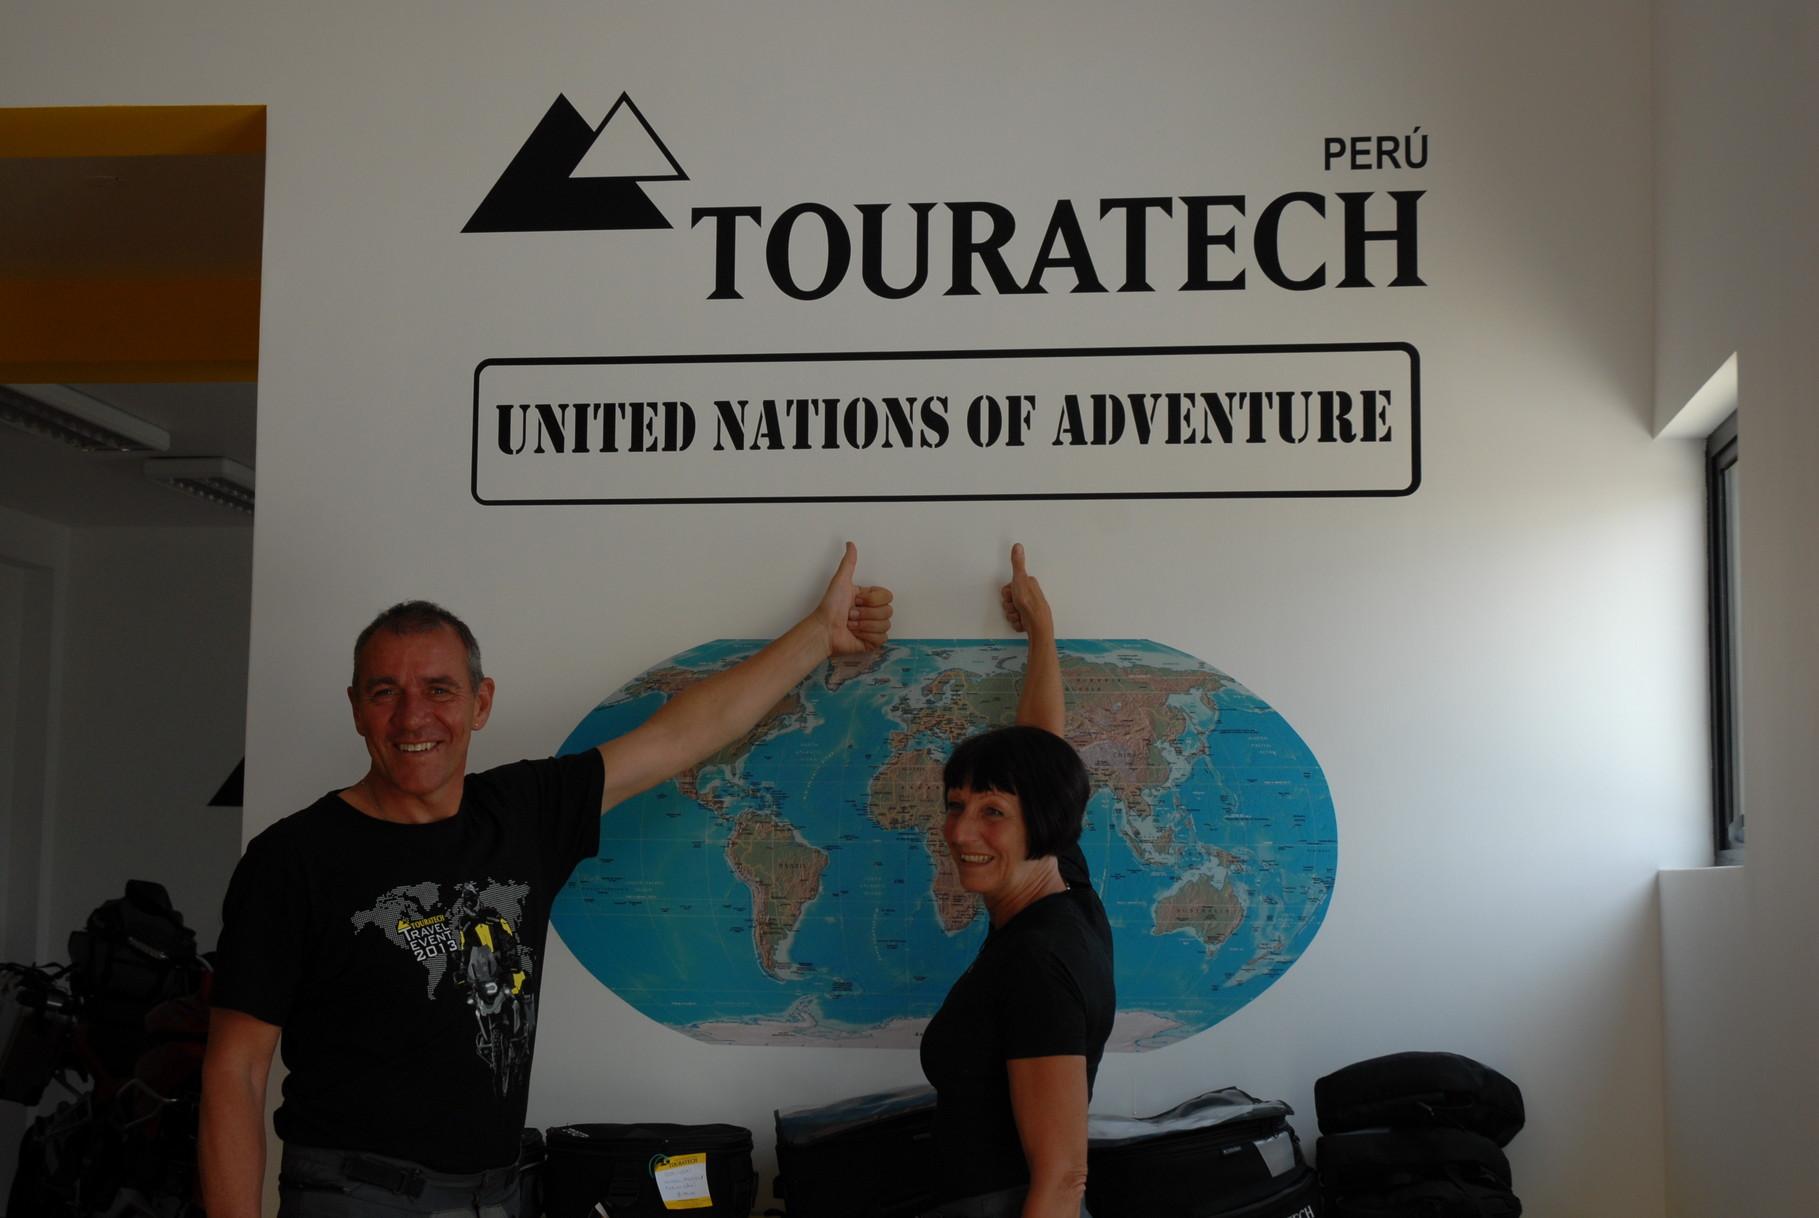 Die Vereinten Nationen des Abenteuers